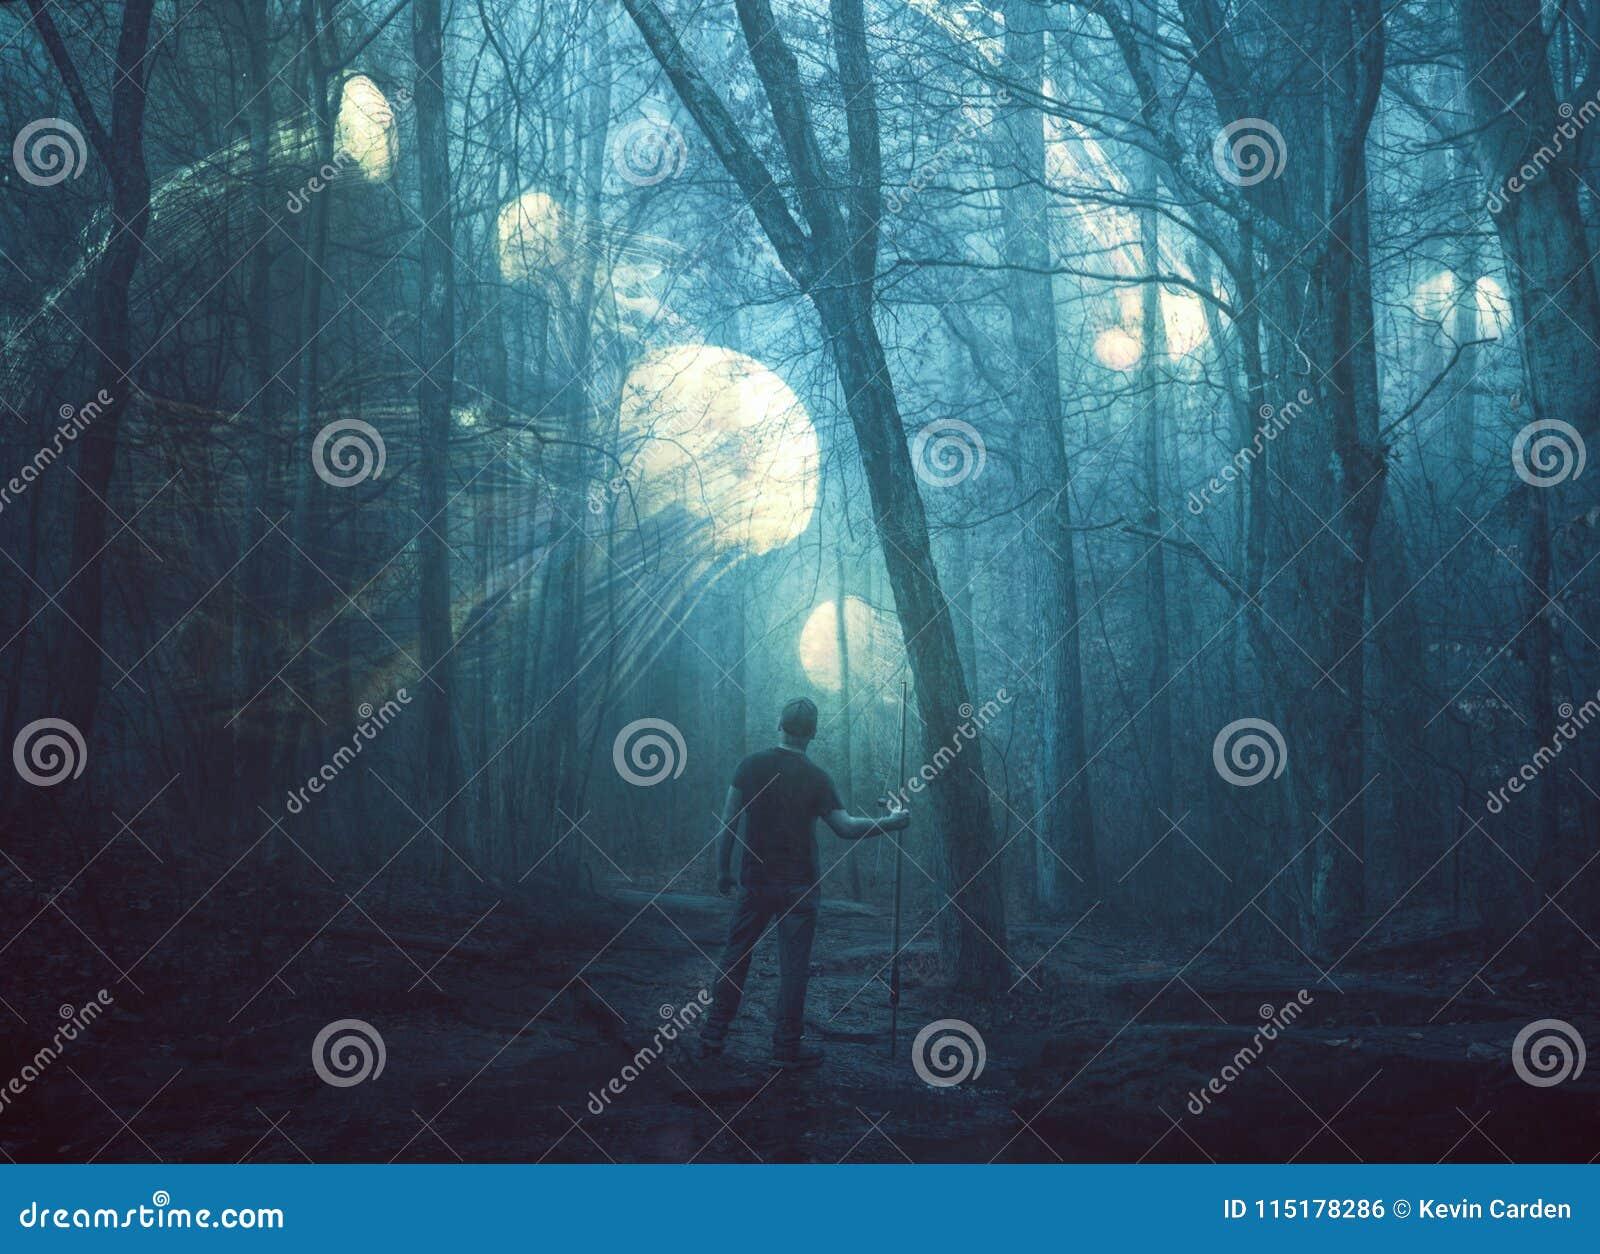 Kwallen in een donker bos